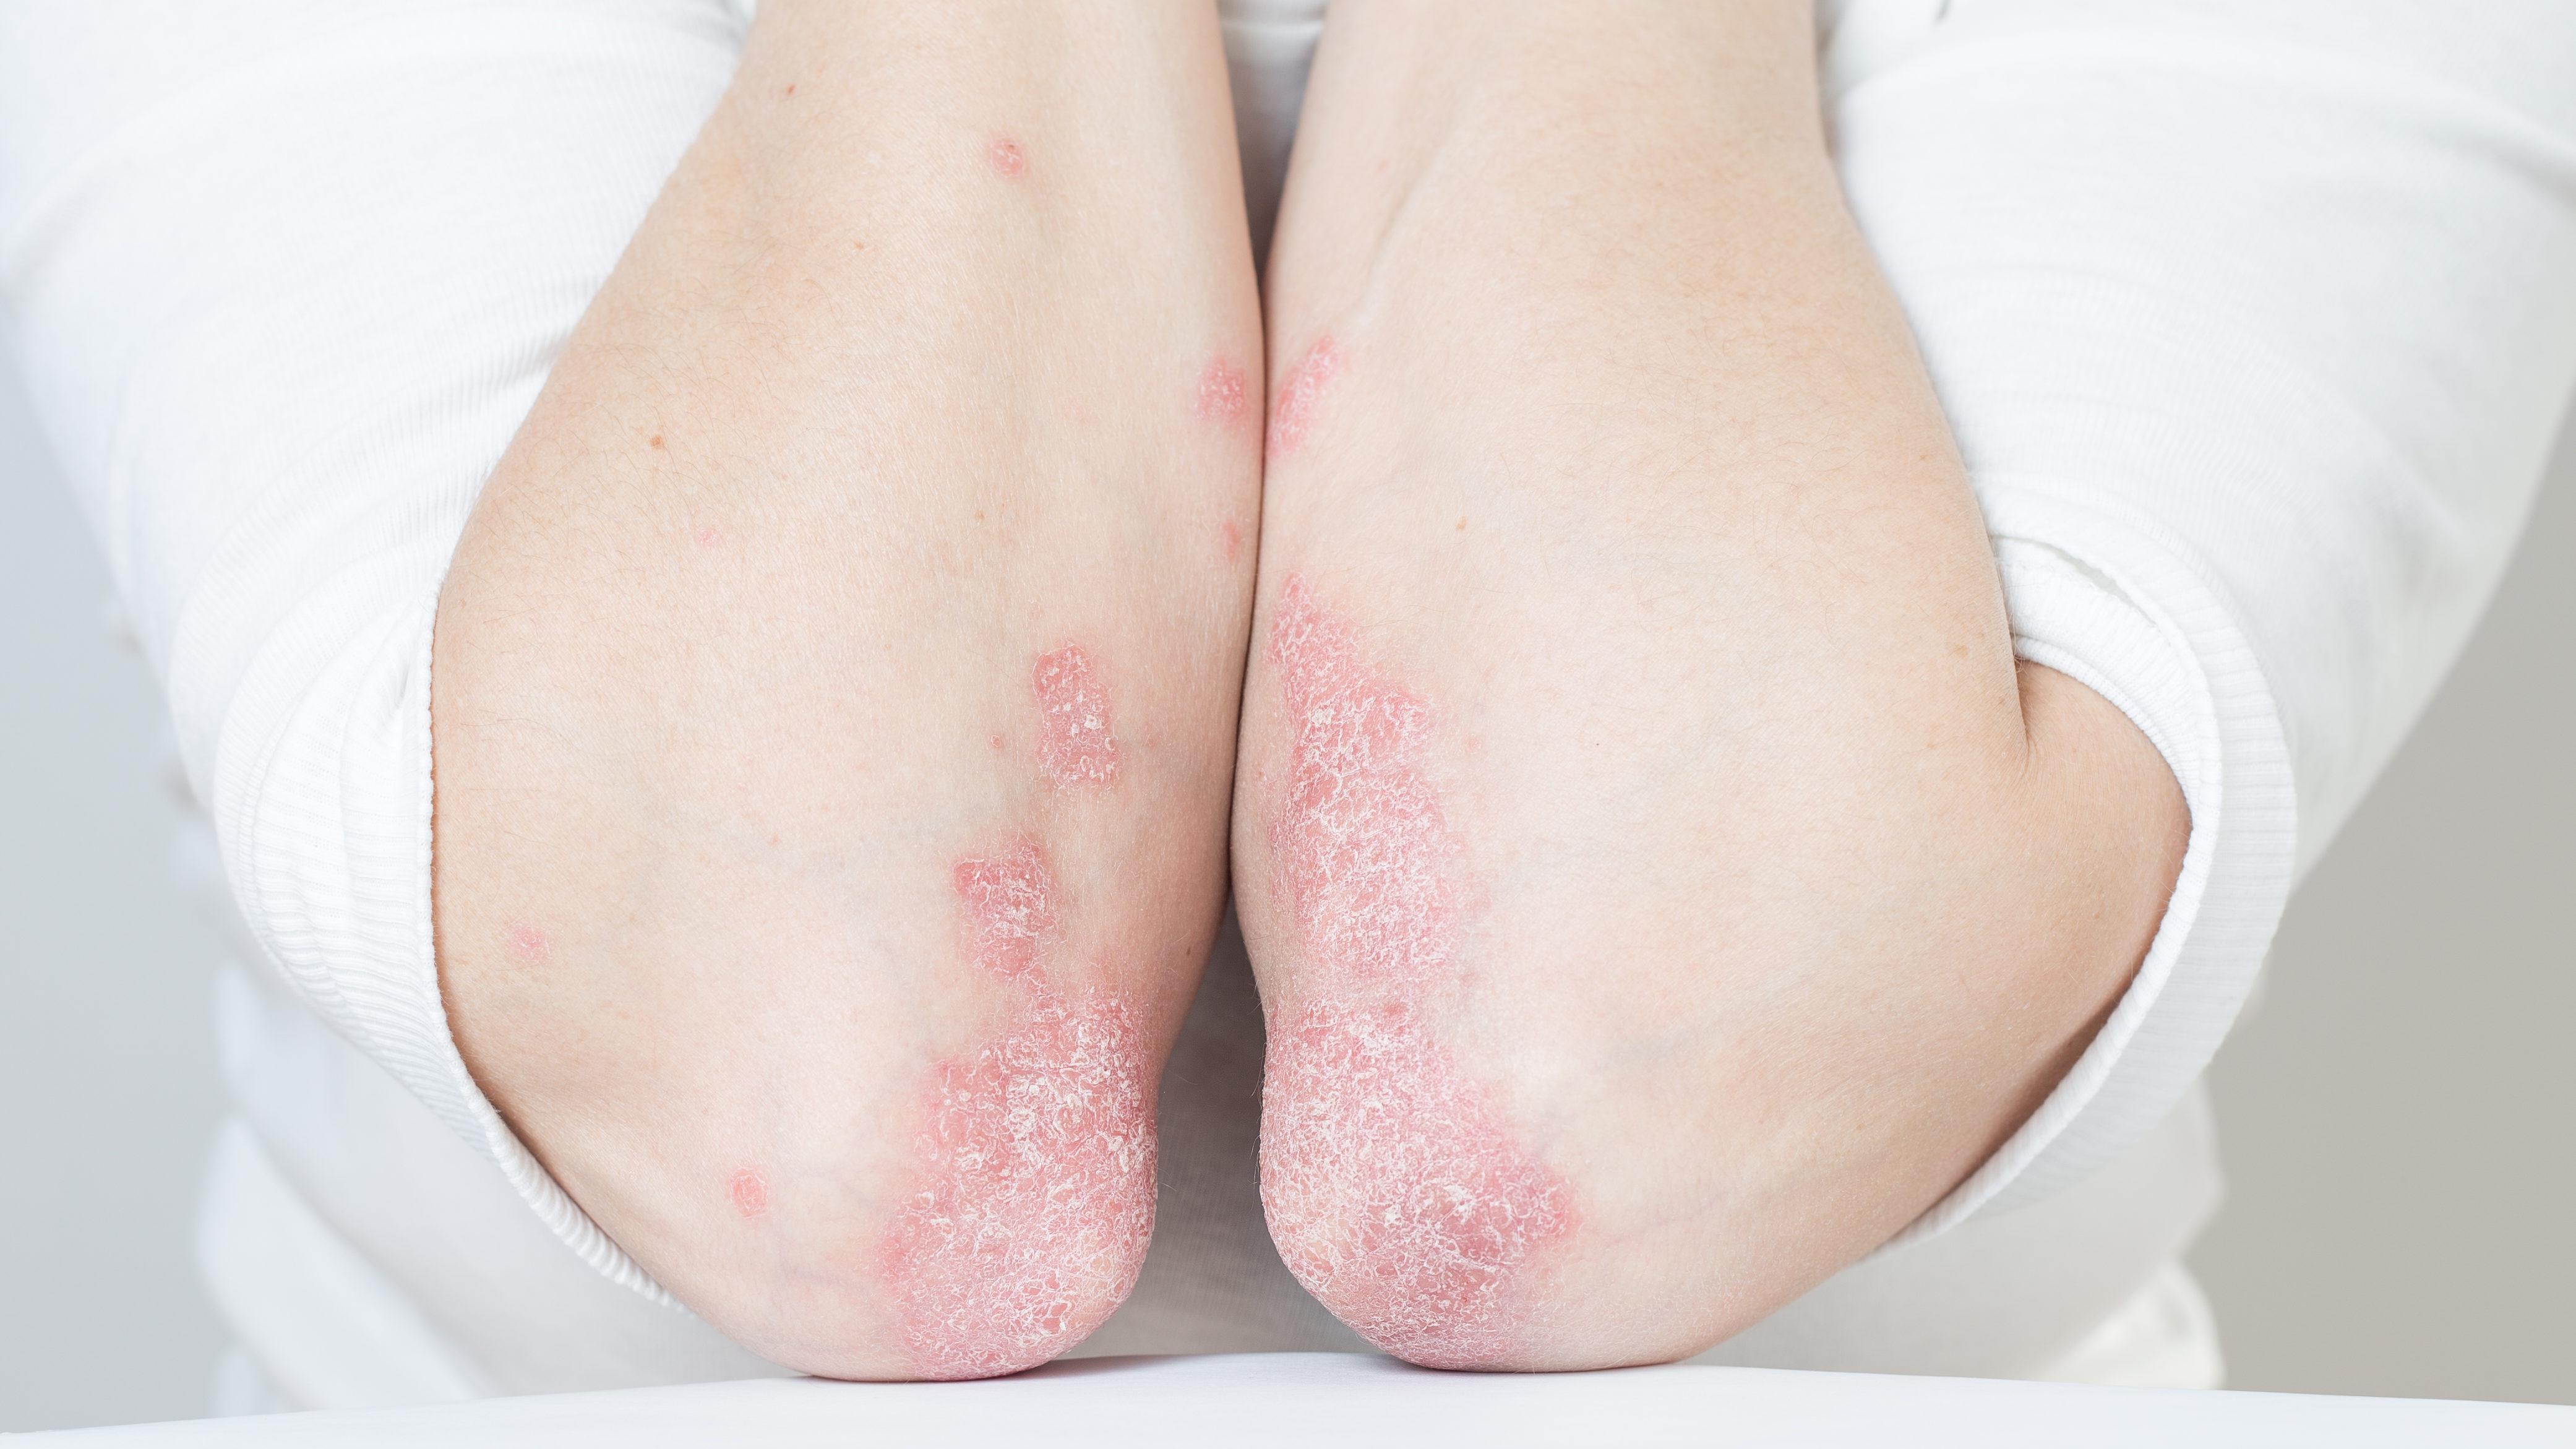 a pikkelysömör kezelésének legfrissebb hírei 2021 kozmetikumok vörös foltok az arcon